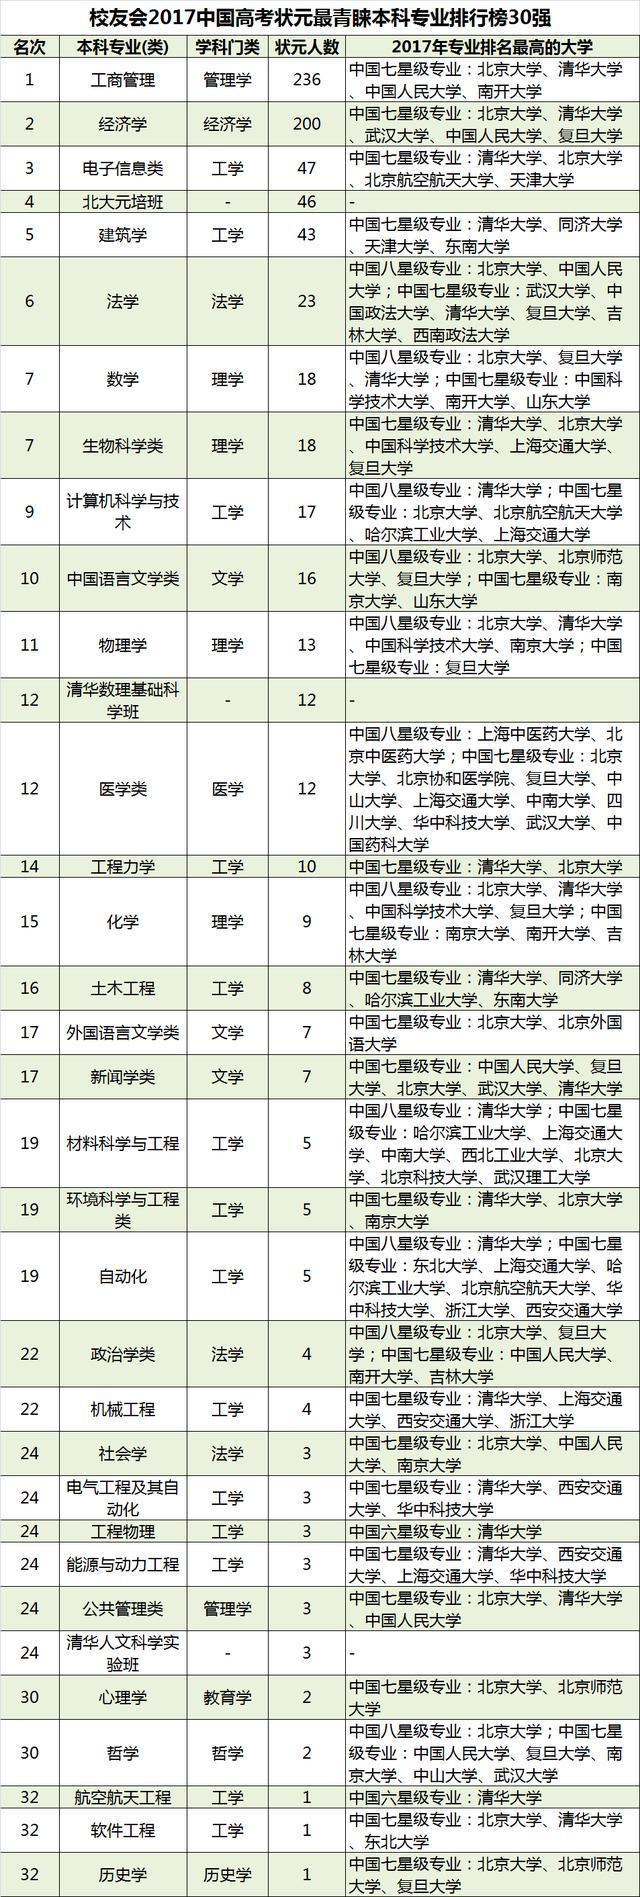 最新中国高考状元调查报告出炉,清华大学最受状元青睐